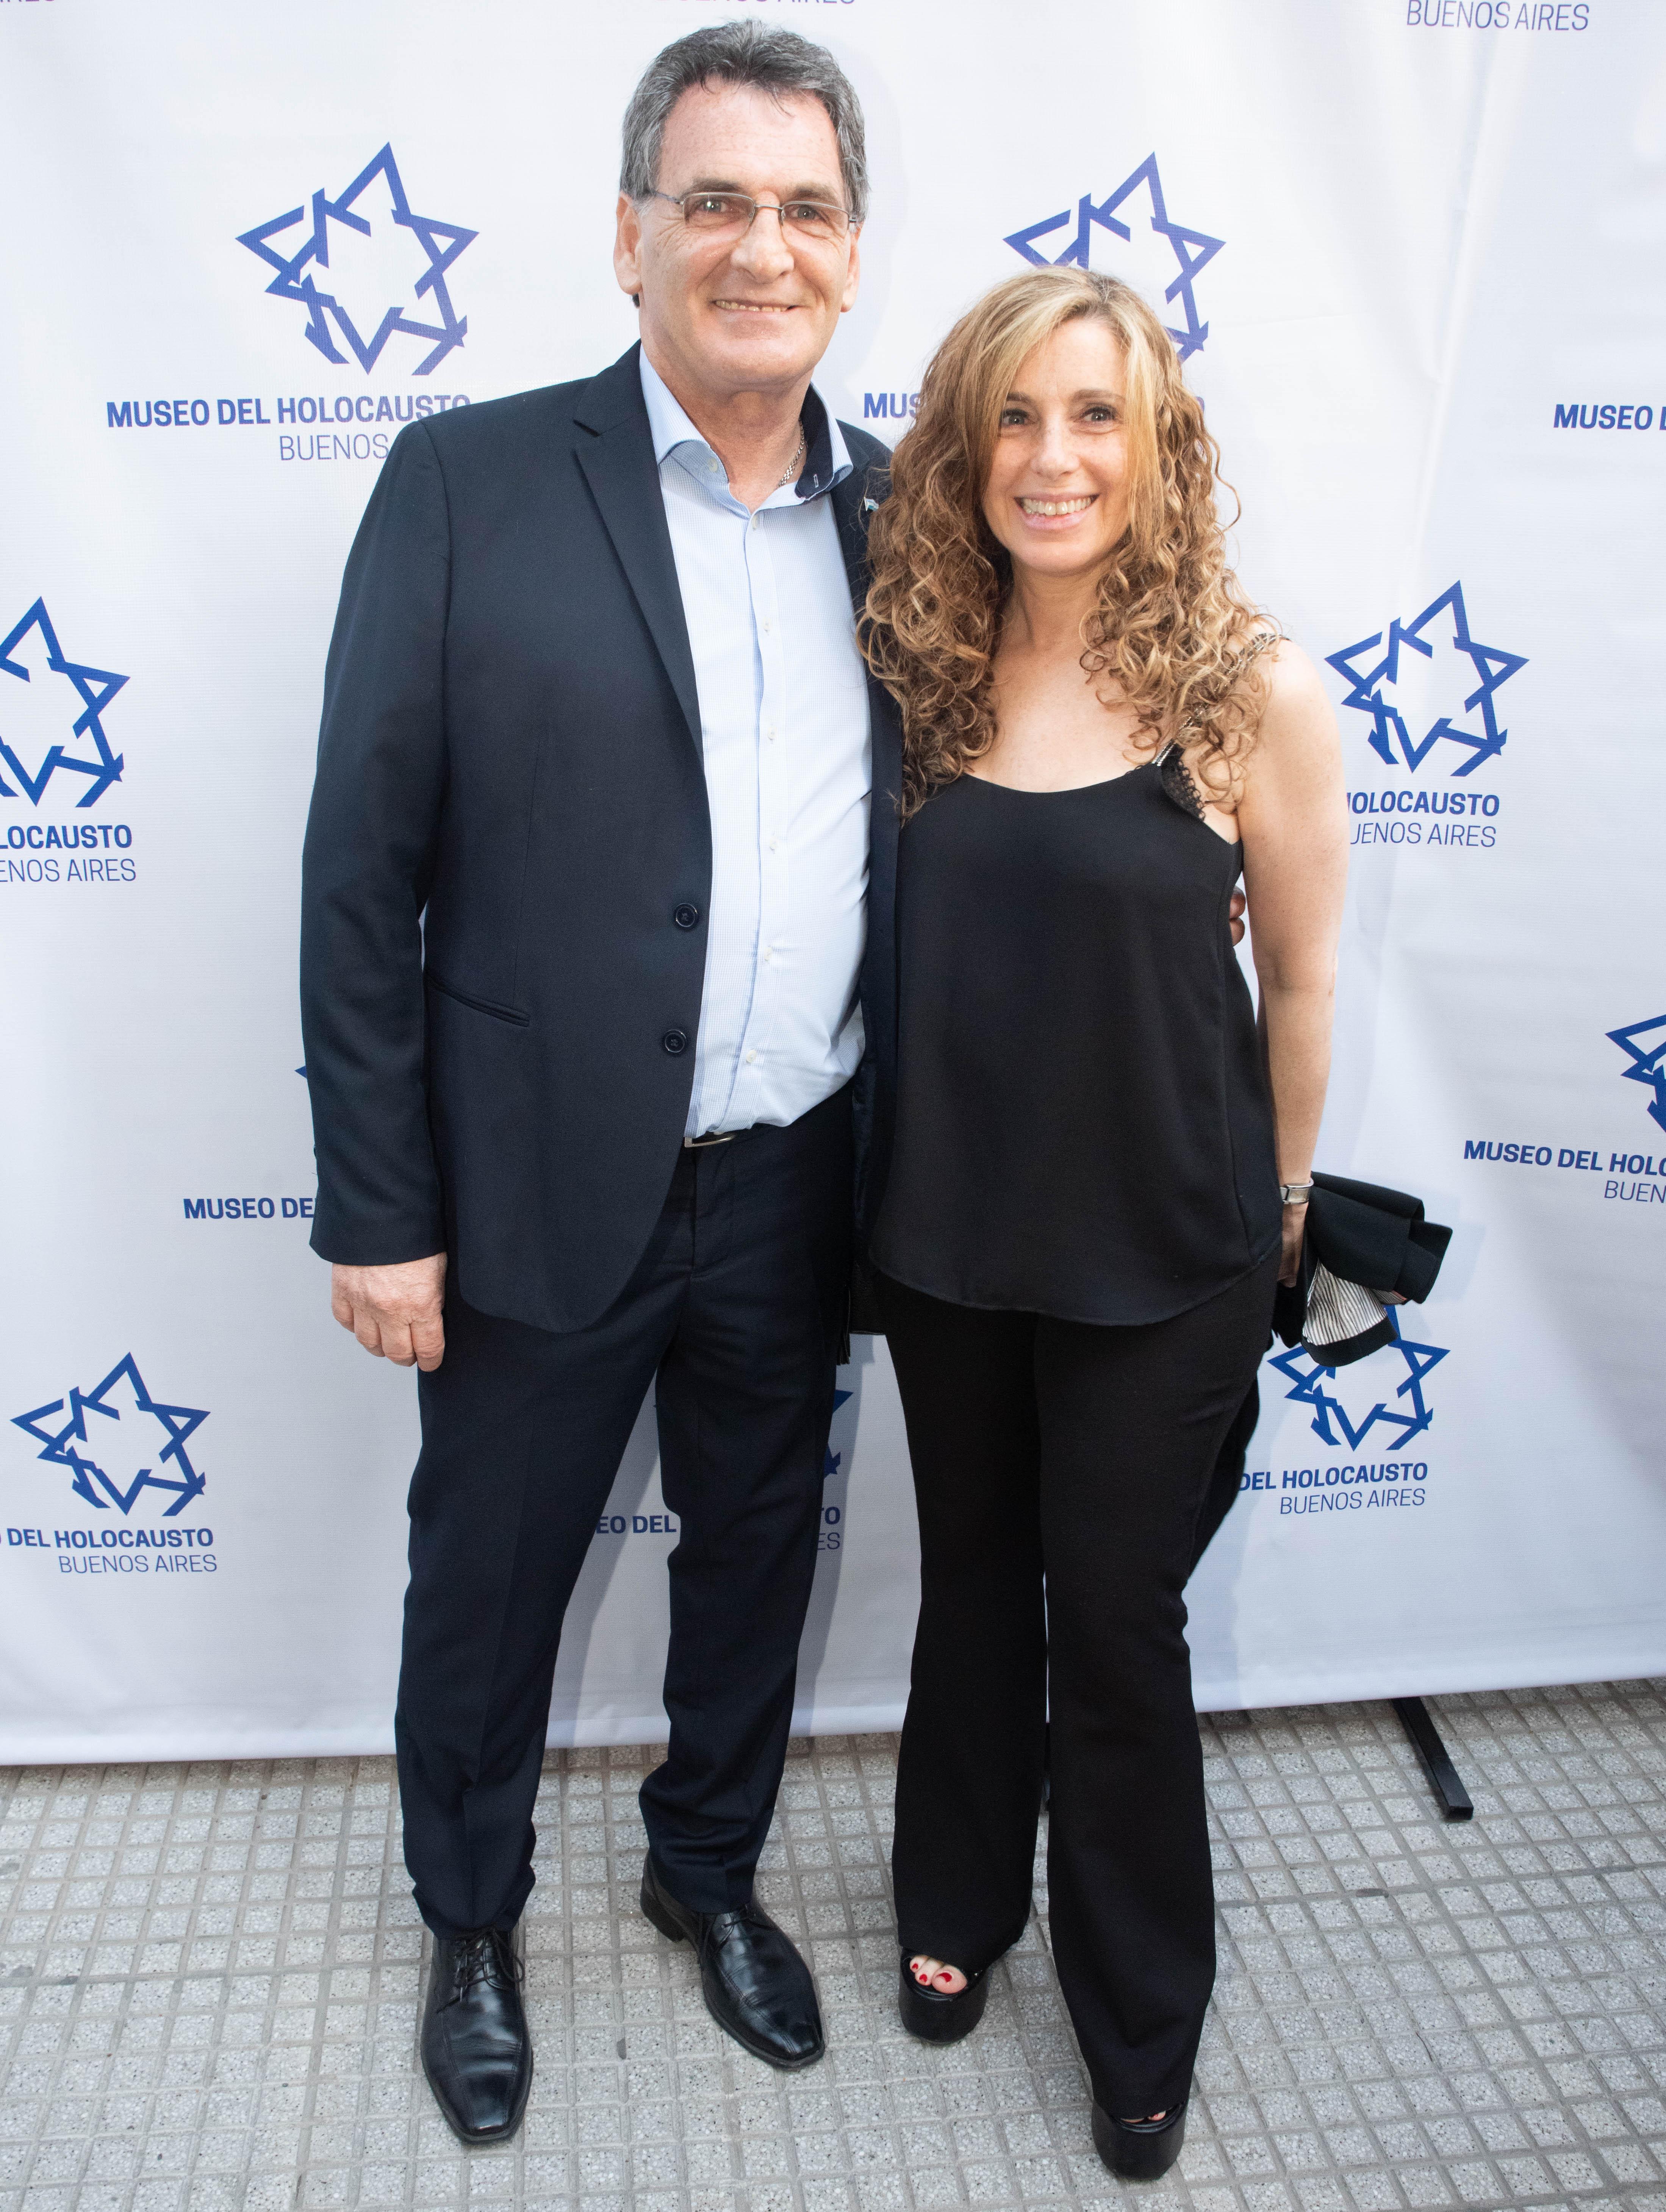 El secretario de Derechos Humanos, Claudio Avruj, y su mujer